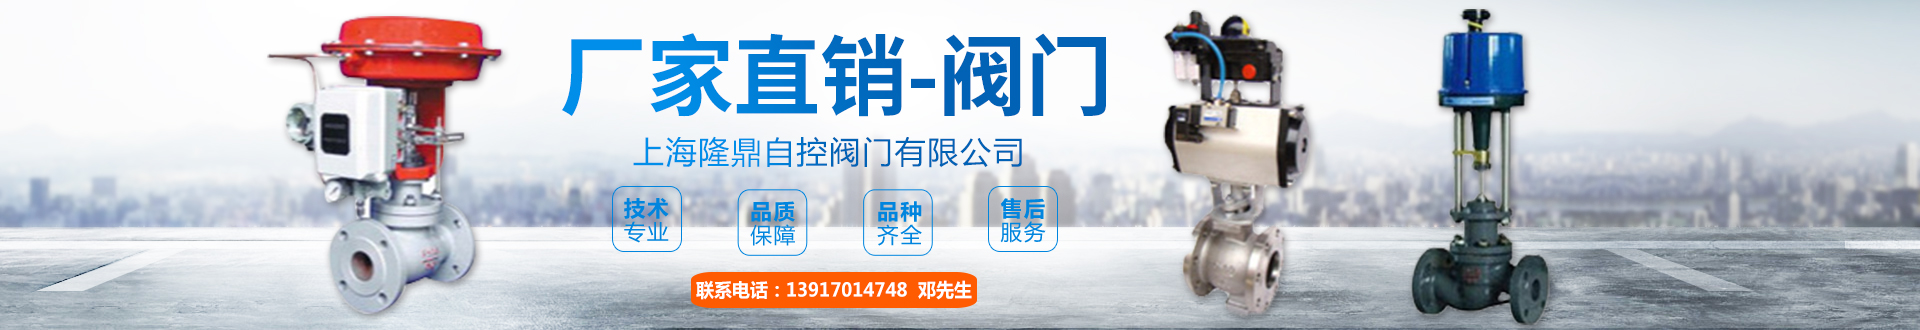 上海隆鼎自控阀门有限公司总部